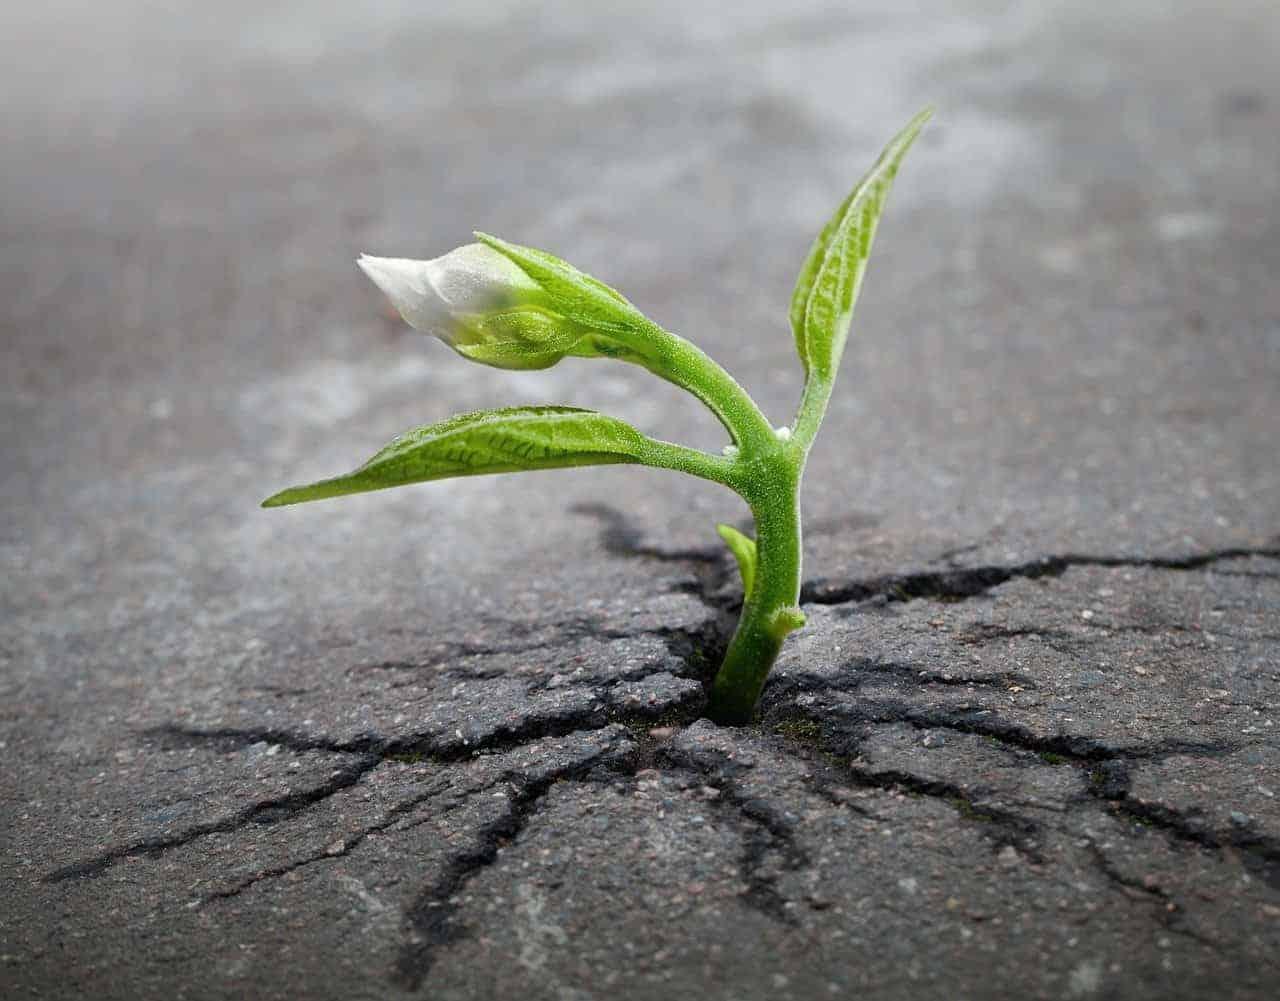 plant growth asphalt